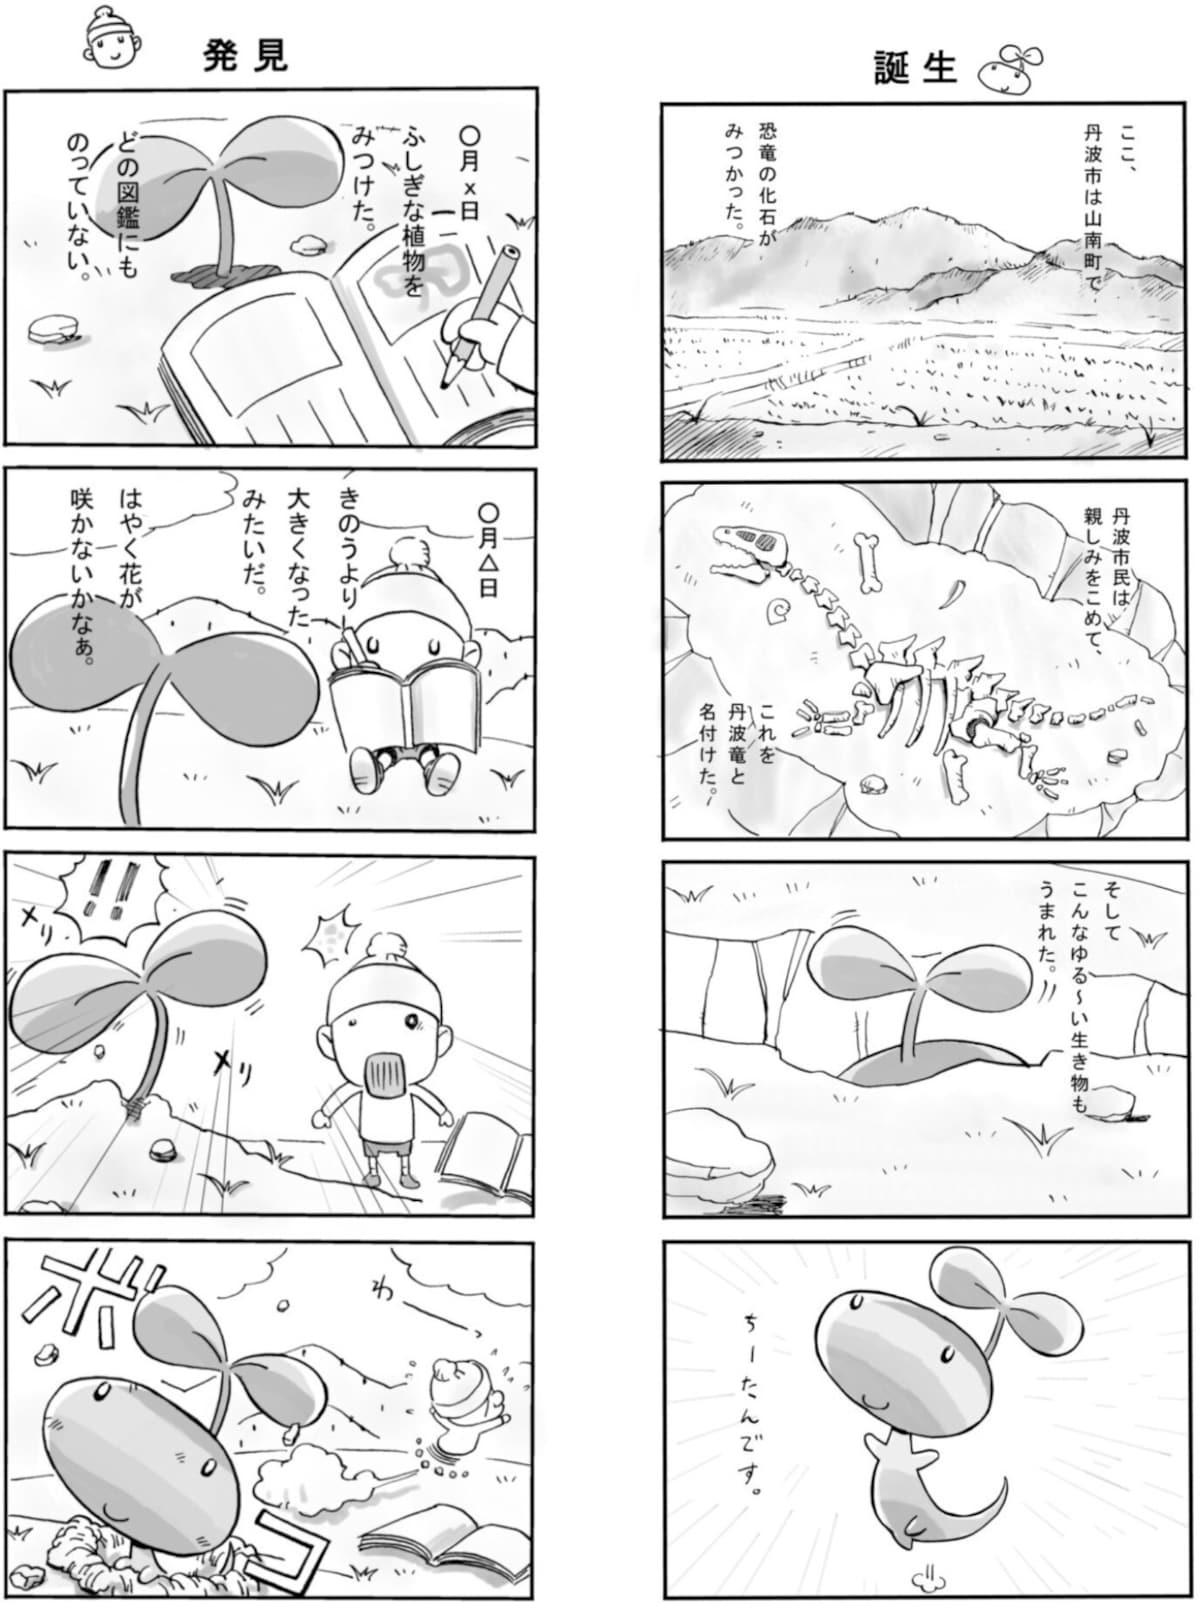 漫画大国是大批吉祥物诞生的土壤